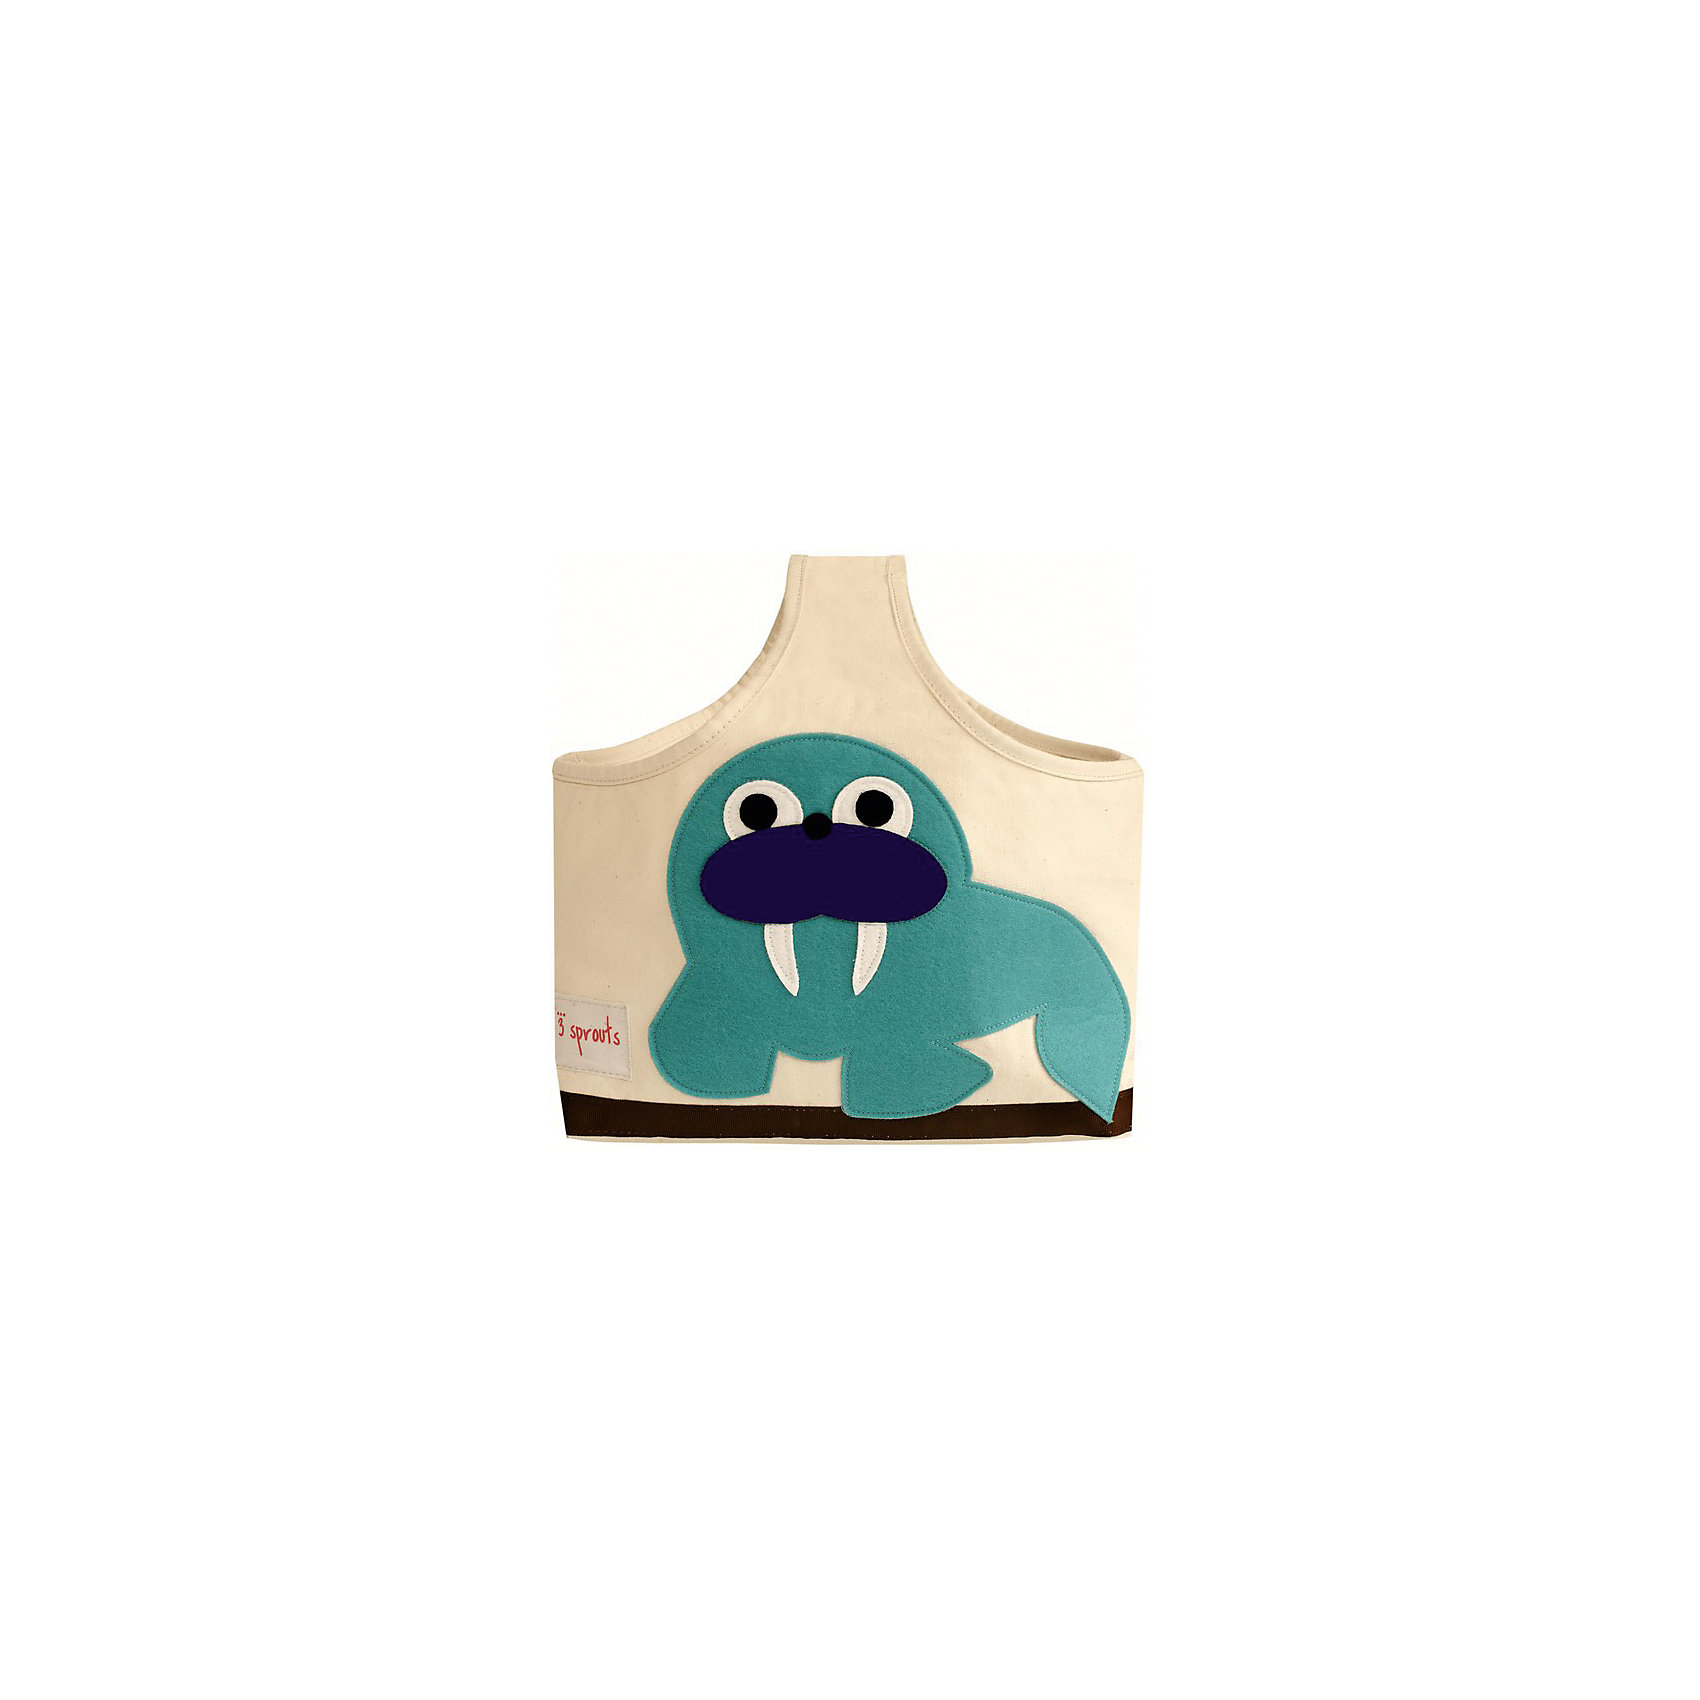 Сумочка для хранения детских принадлежностей Морж (Blue Walrus), 3 SproutsПорядок в детской<br>Яркая сумочка - это идеальное решение для хранения детских принадлежностей. Изготовленная из хлопкового брезента и фетра, она является прекрасным контейнером для хранения и переноски любых детских принадлежностей.<br><br>Дополнительная информация:<br><br>- Размер: 38x30x14 см.<br>- Материал: хлопок, фетр, полиэстер.<br>- Орнамент: Морж.<br><br>Купить сумочку для хранения детских принадлежностей Морж (Blue Walrus), можно в нашем магазине.<br><br>Ширина мм: 320<br>Глубина мм: 240<br>Высота мм: 20<br>Вес г: 234<br>Возраст от месяцев: 6<br>Возраст до месяцев: 84<br>Пол: Унисекс<br>Возраст: Детский<br>SKU: 5098234